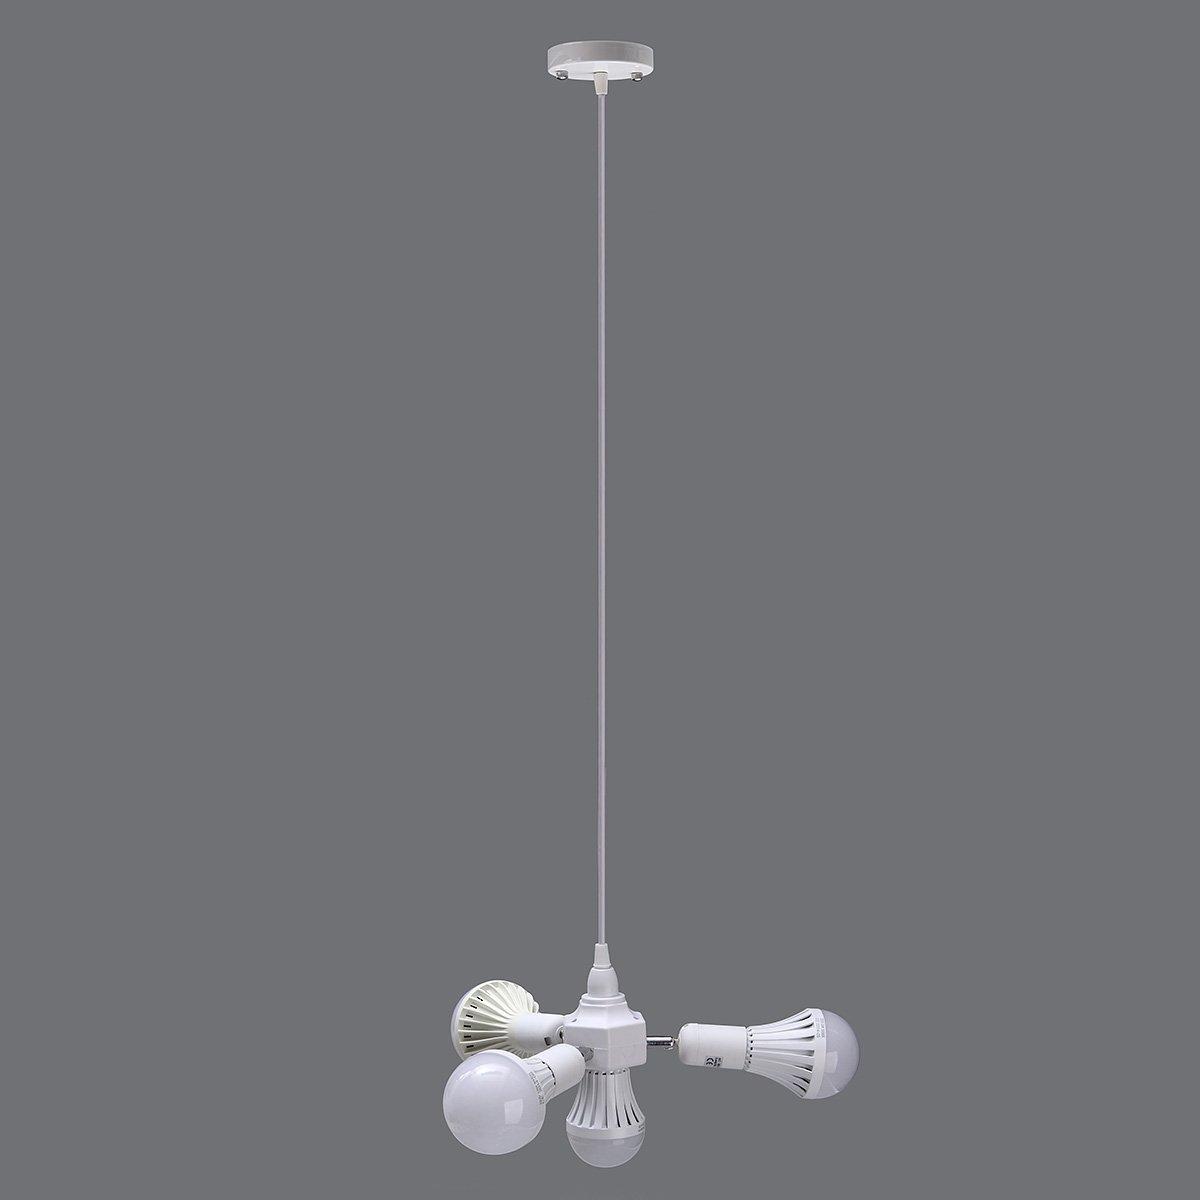 MAUBHYA 4 In 1 E27 Adjustable Socket Lamp Base Holder Ceiling Pendant Adapter AC100-240V